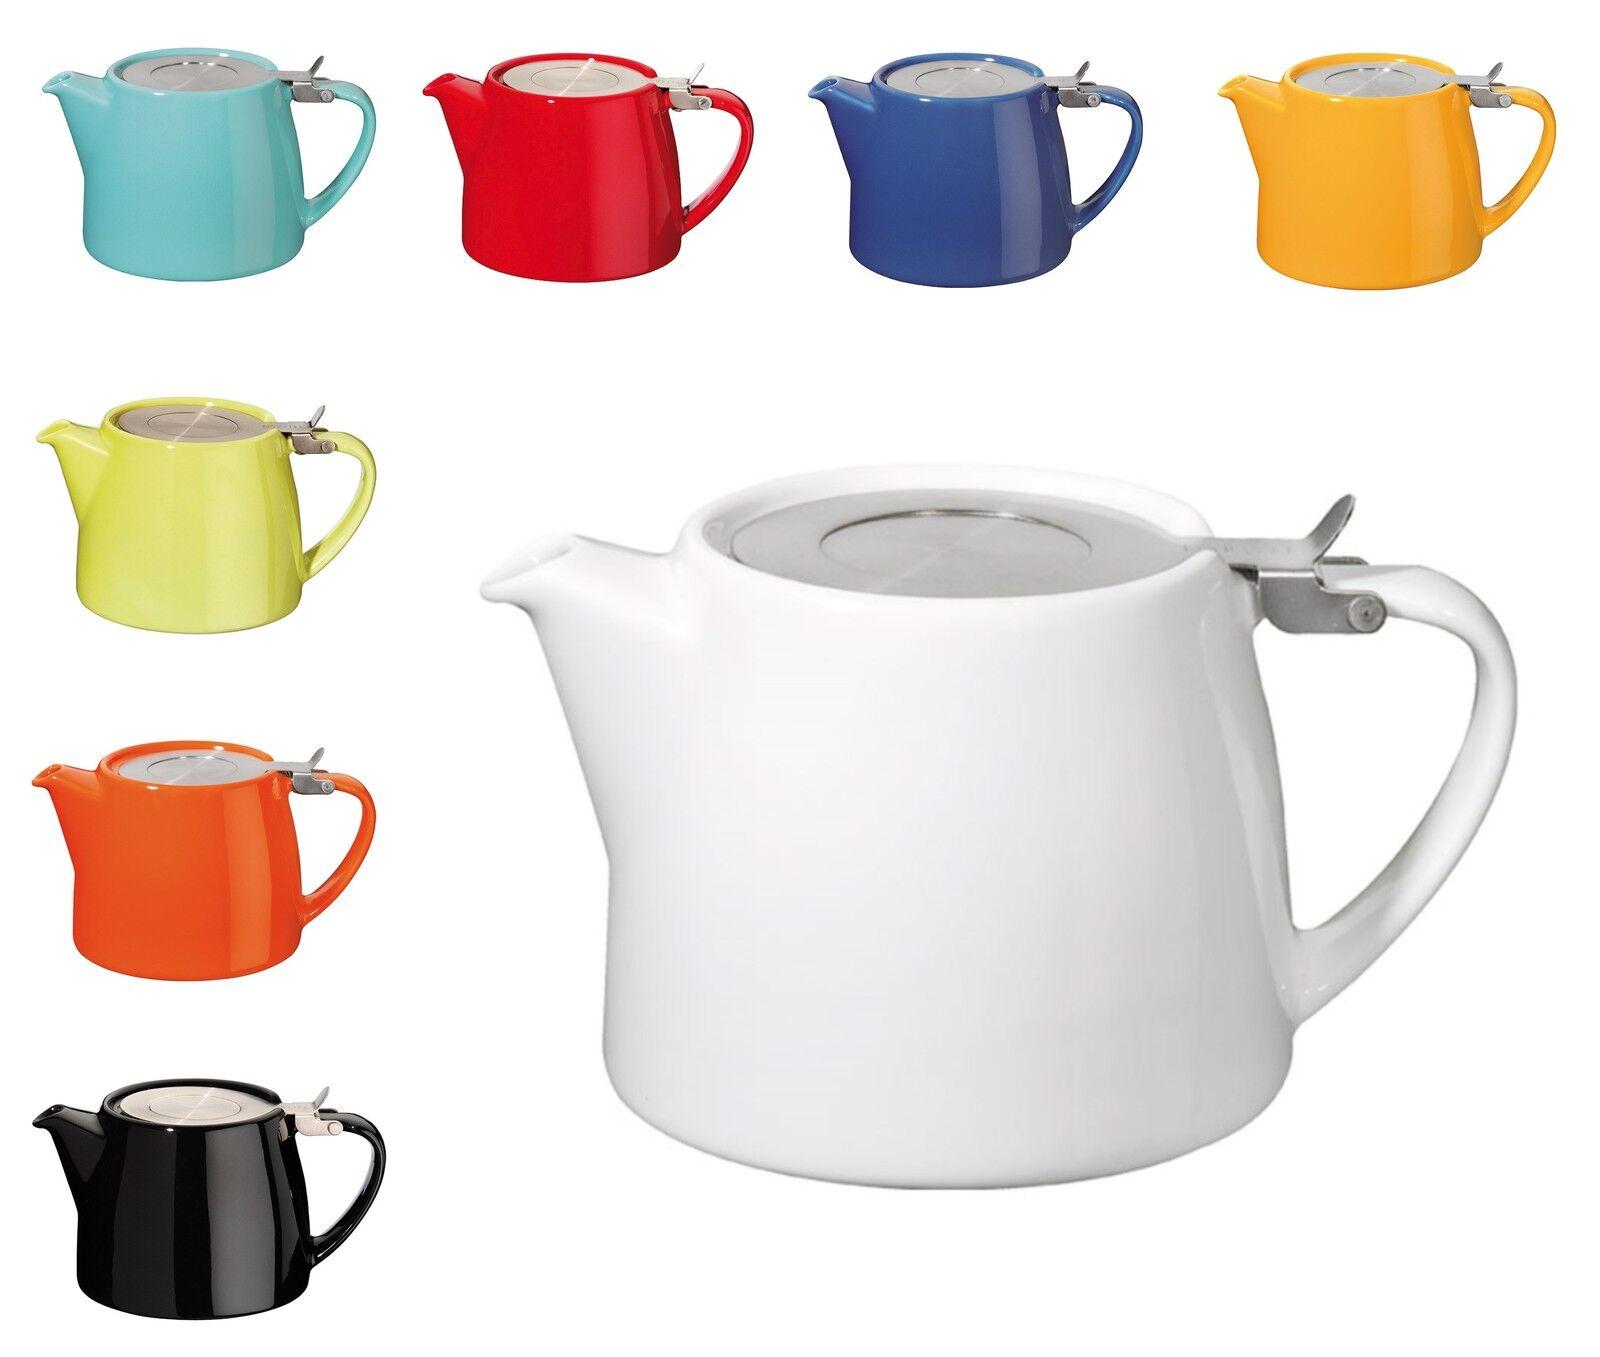 Forlife Stump Stainless Steel Filter Infuser Ceramic Teapot